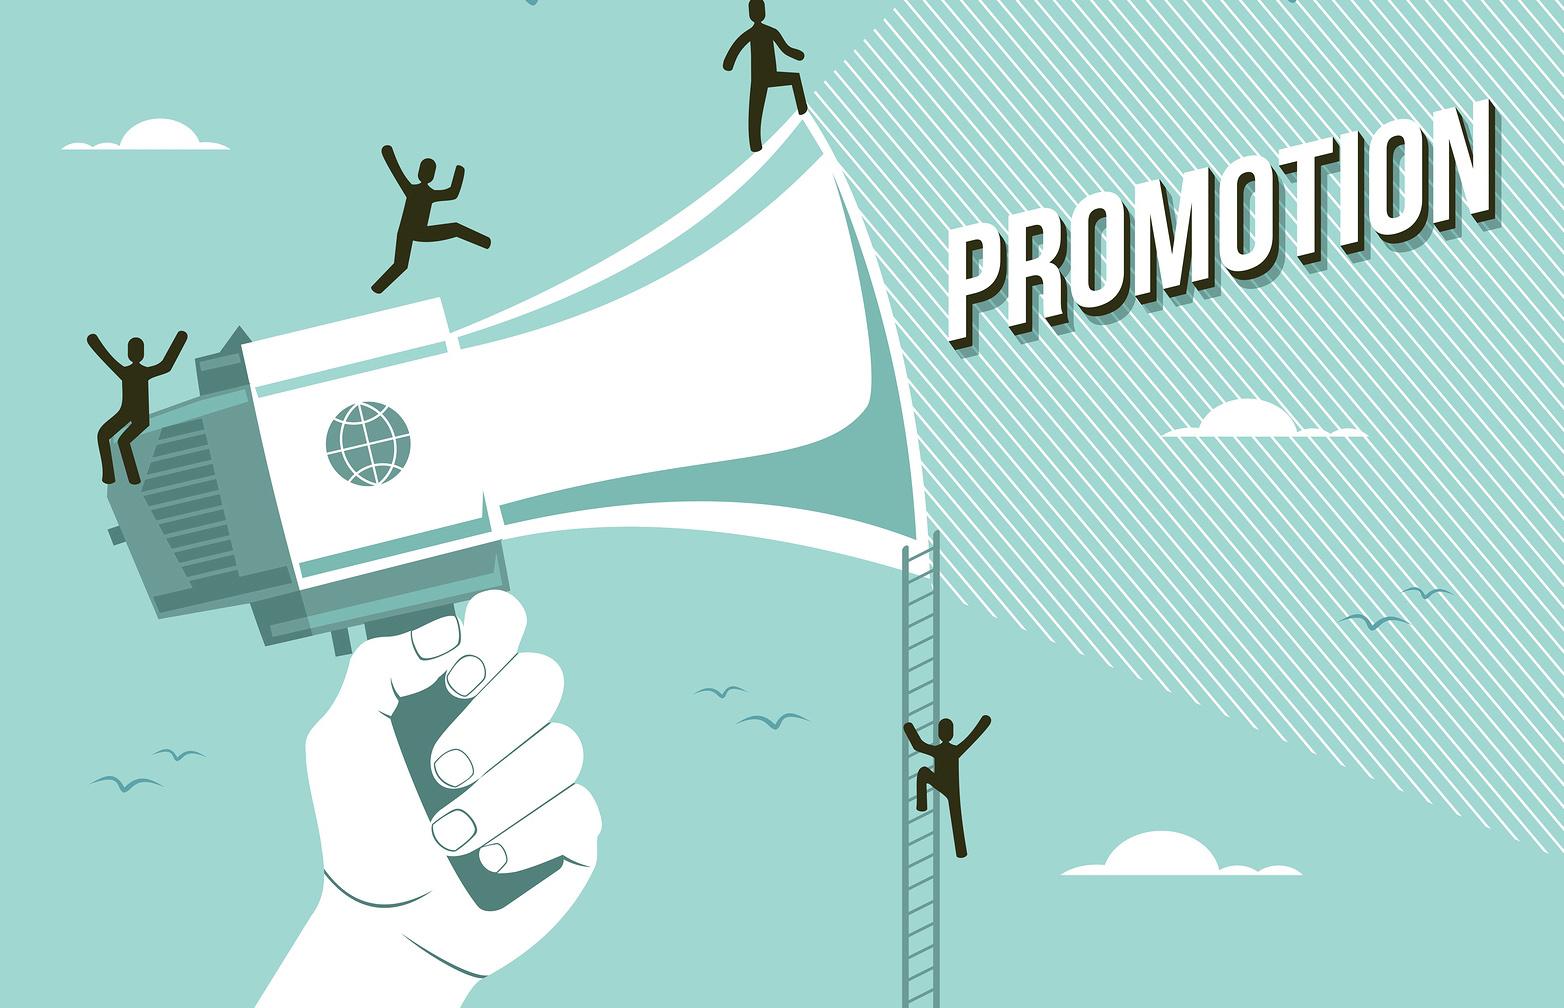 Ini Kelebihan Mengiklankan Produk Dengan Media Promosi Online Berbayar Byrest